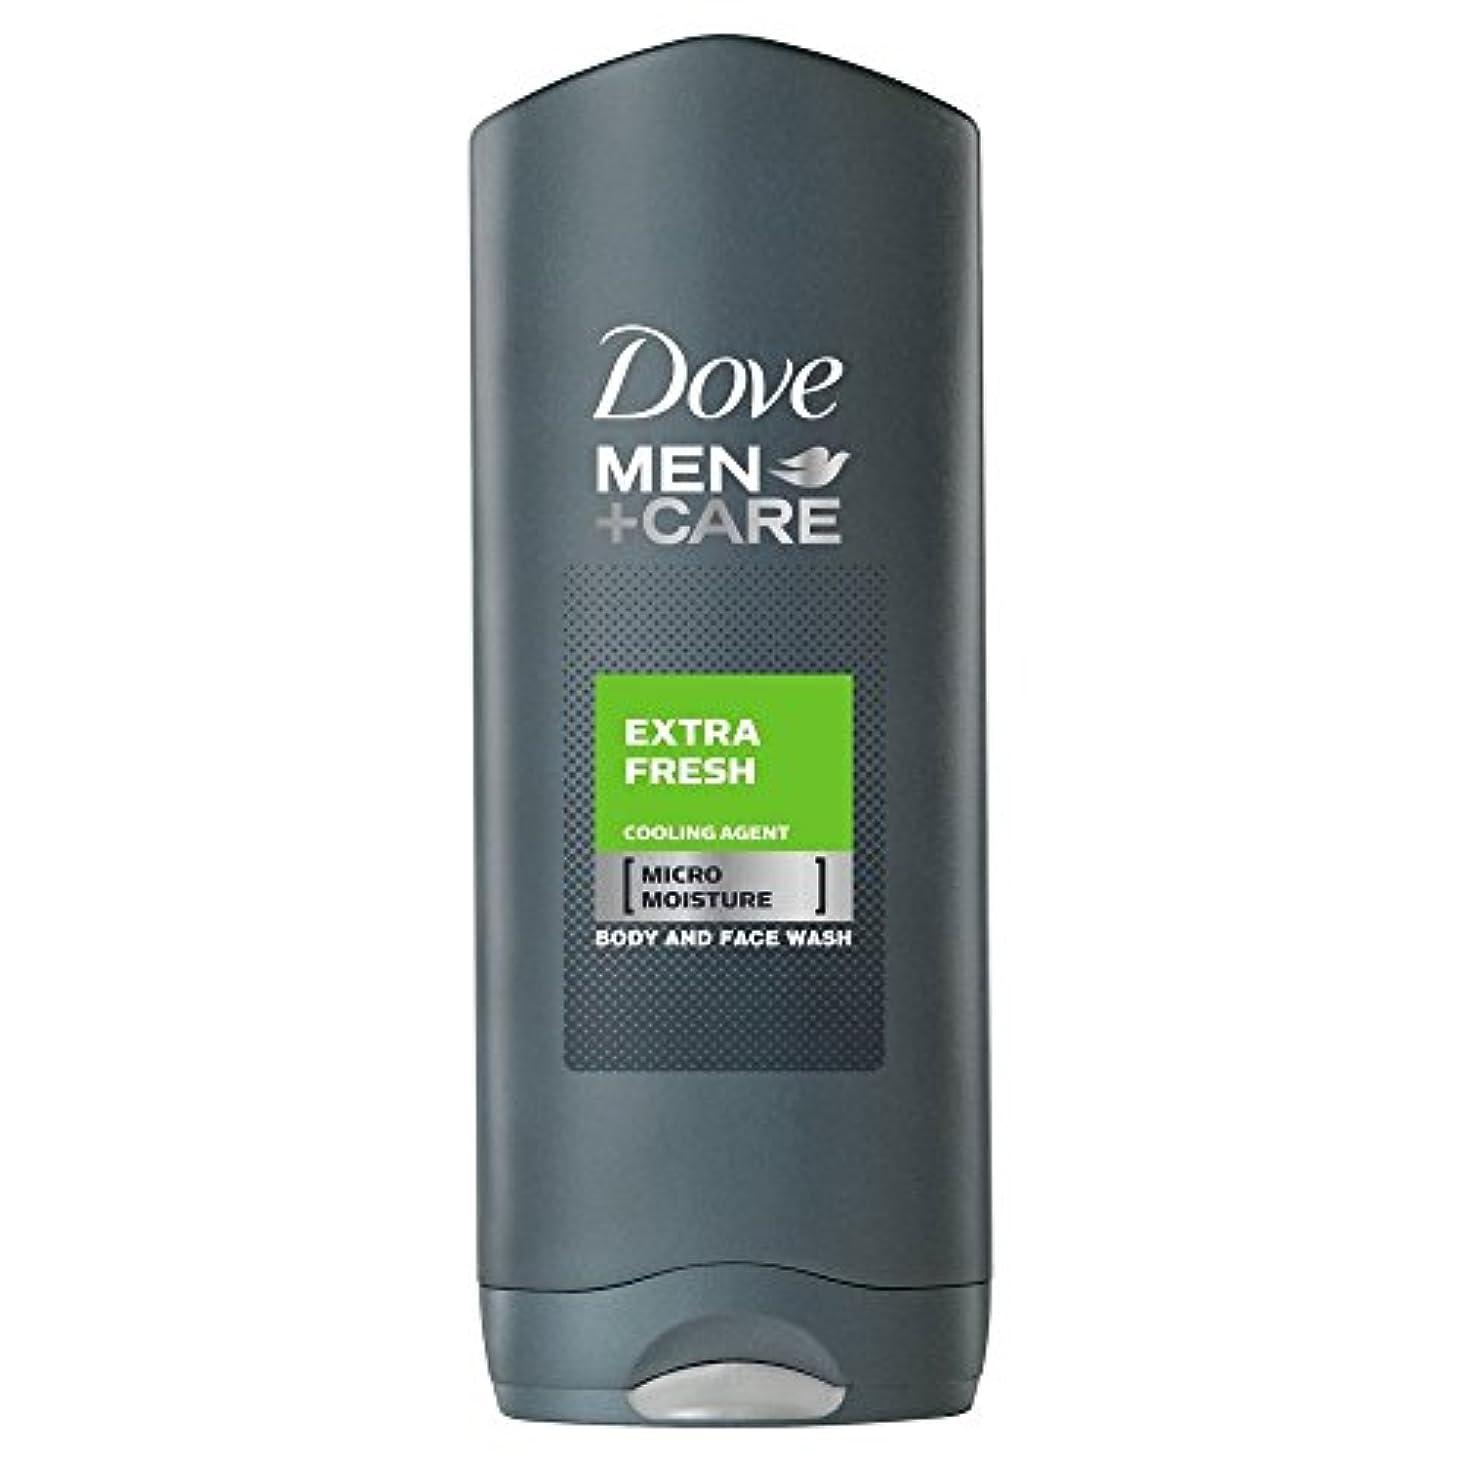 開拓者かる住むDove Men + Care Body & Face Wash - Extra Fresh (250ml) 鳩の男性は+ボディと洗顔ケア - 余分な新鮮な( 250ミリリットル)を [並行輸入品]